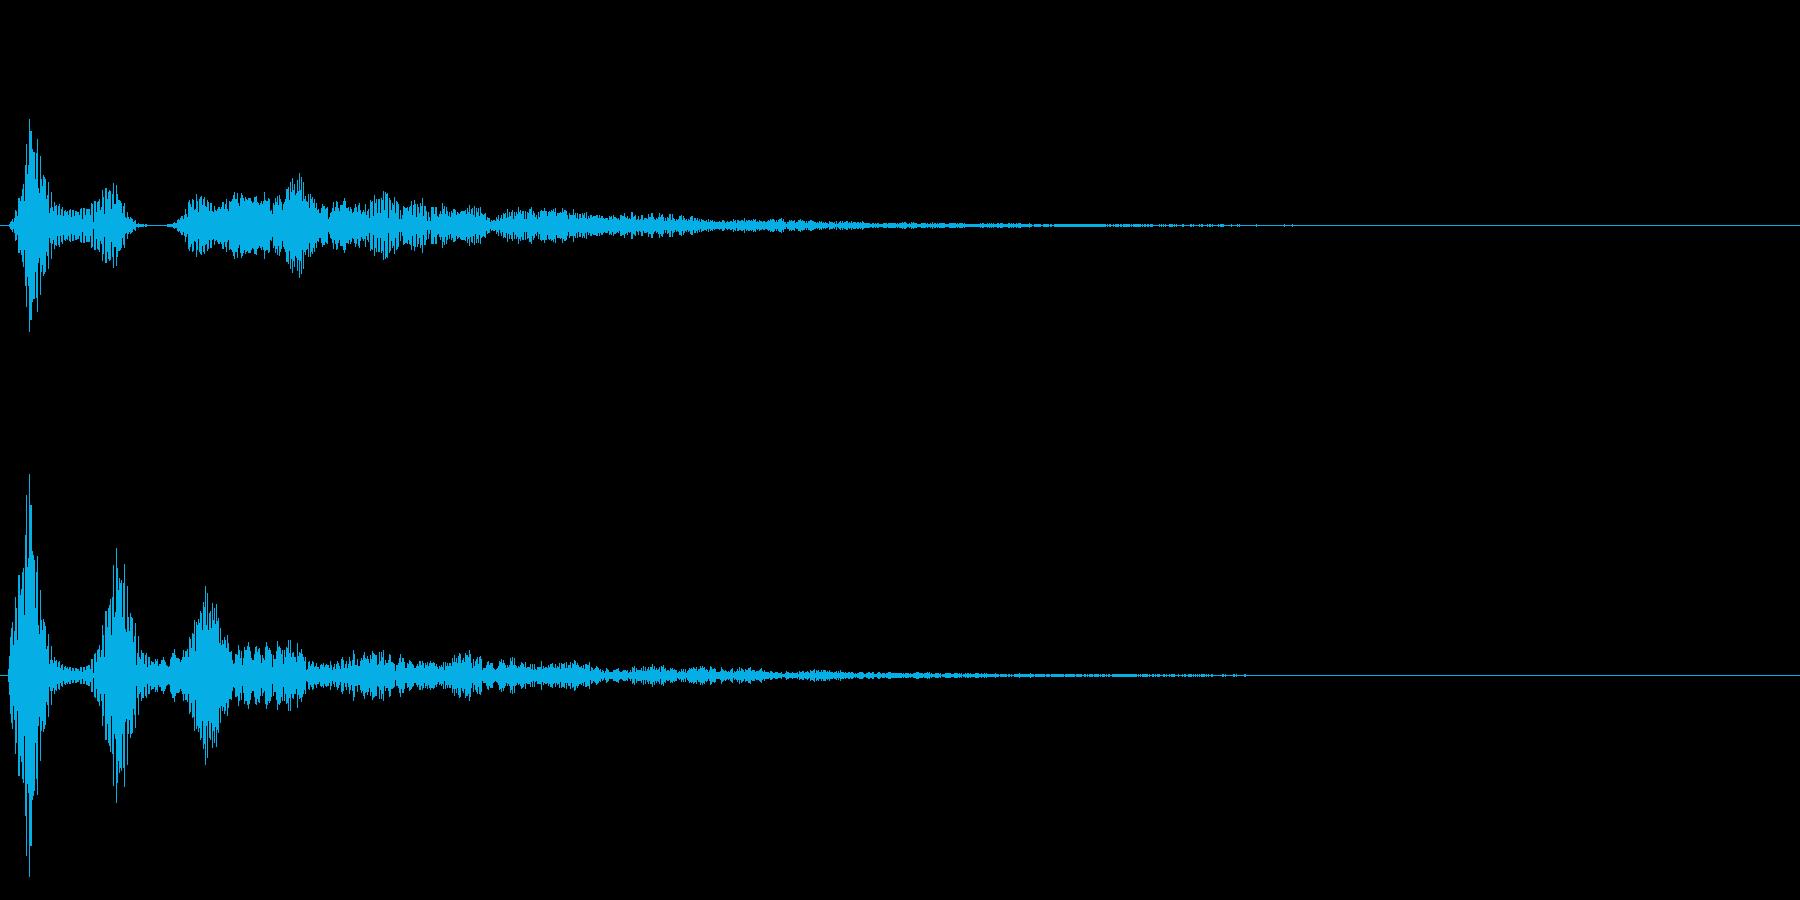 決定音/シンプル/シンセサイザーの再生済みの波形